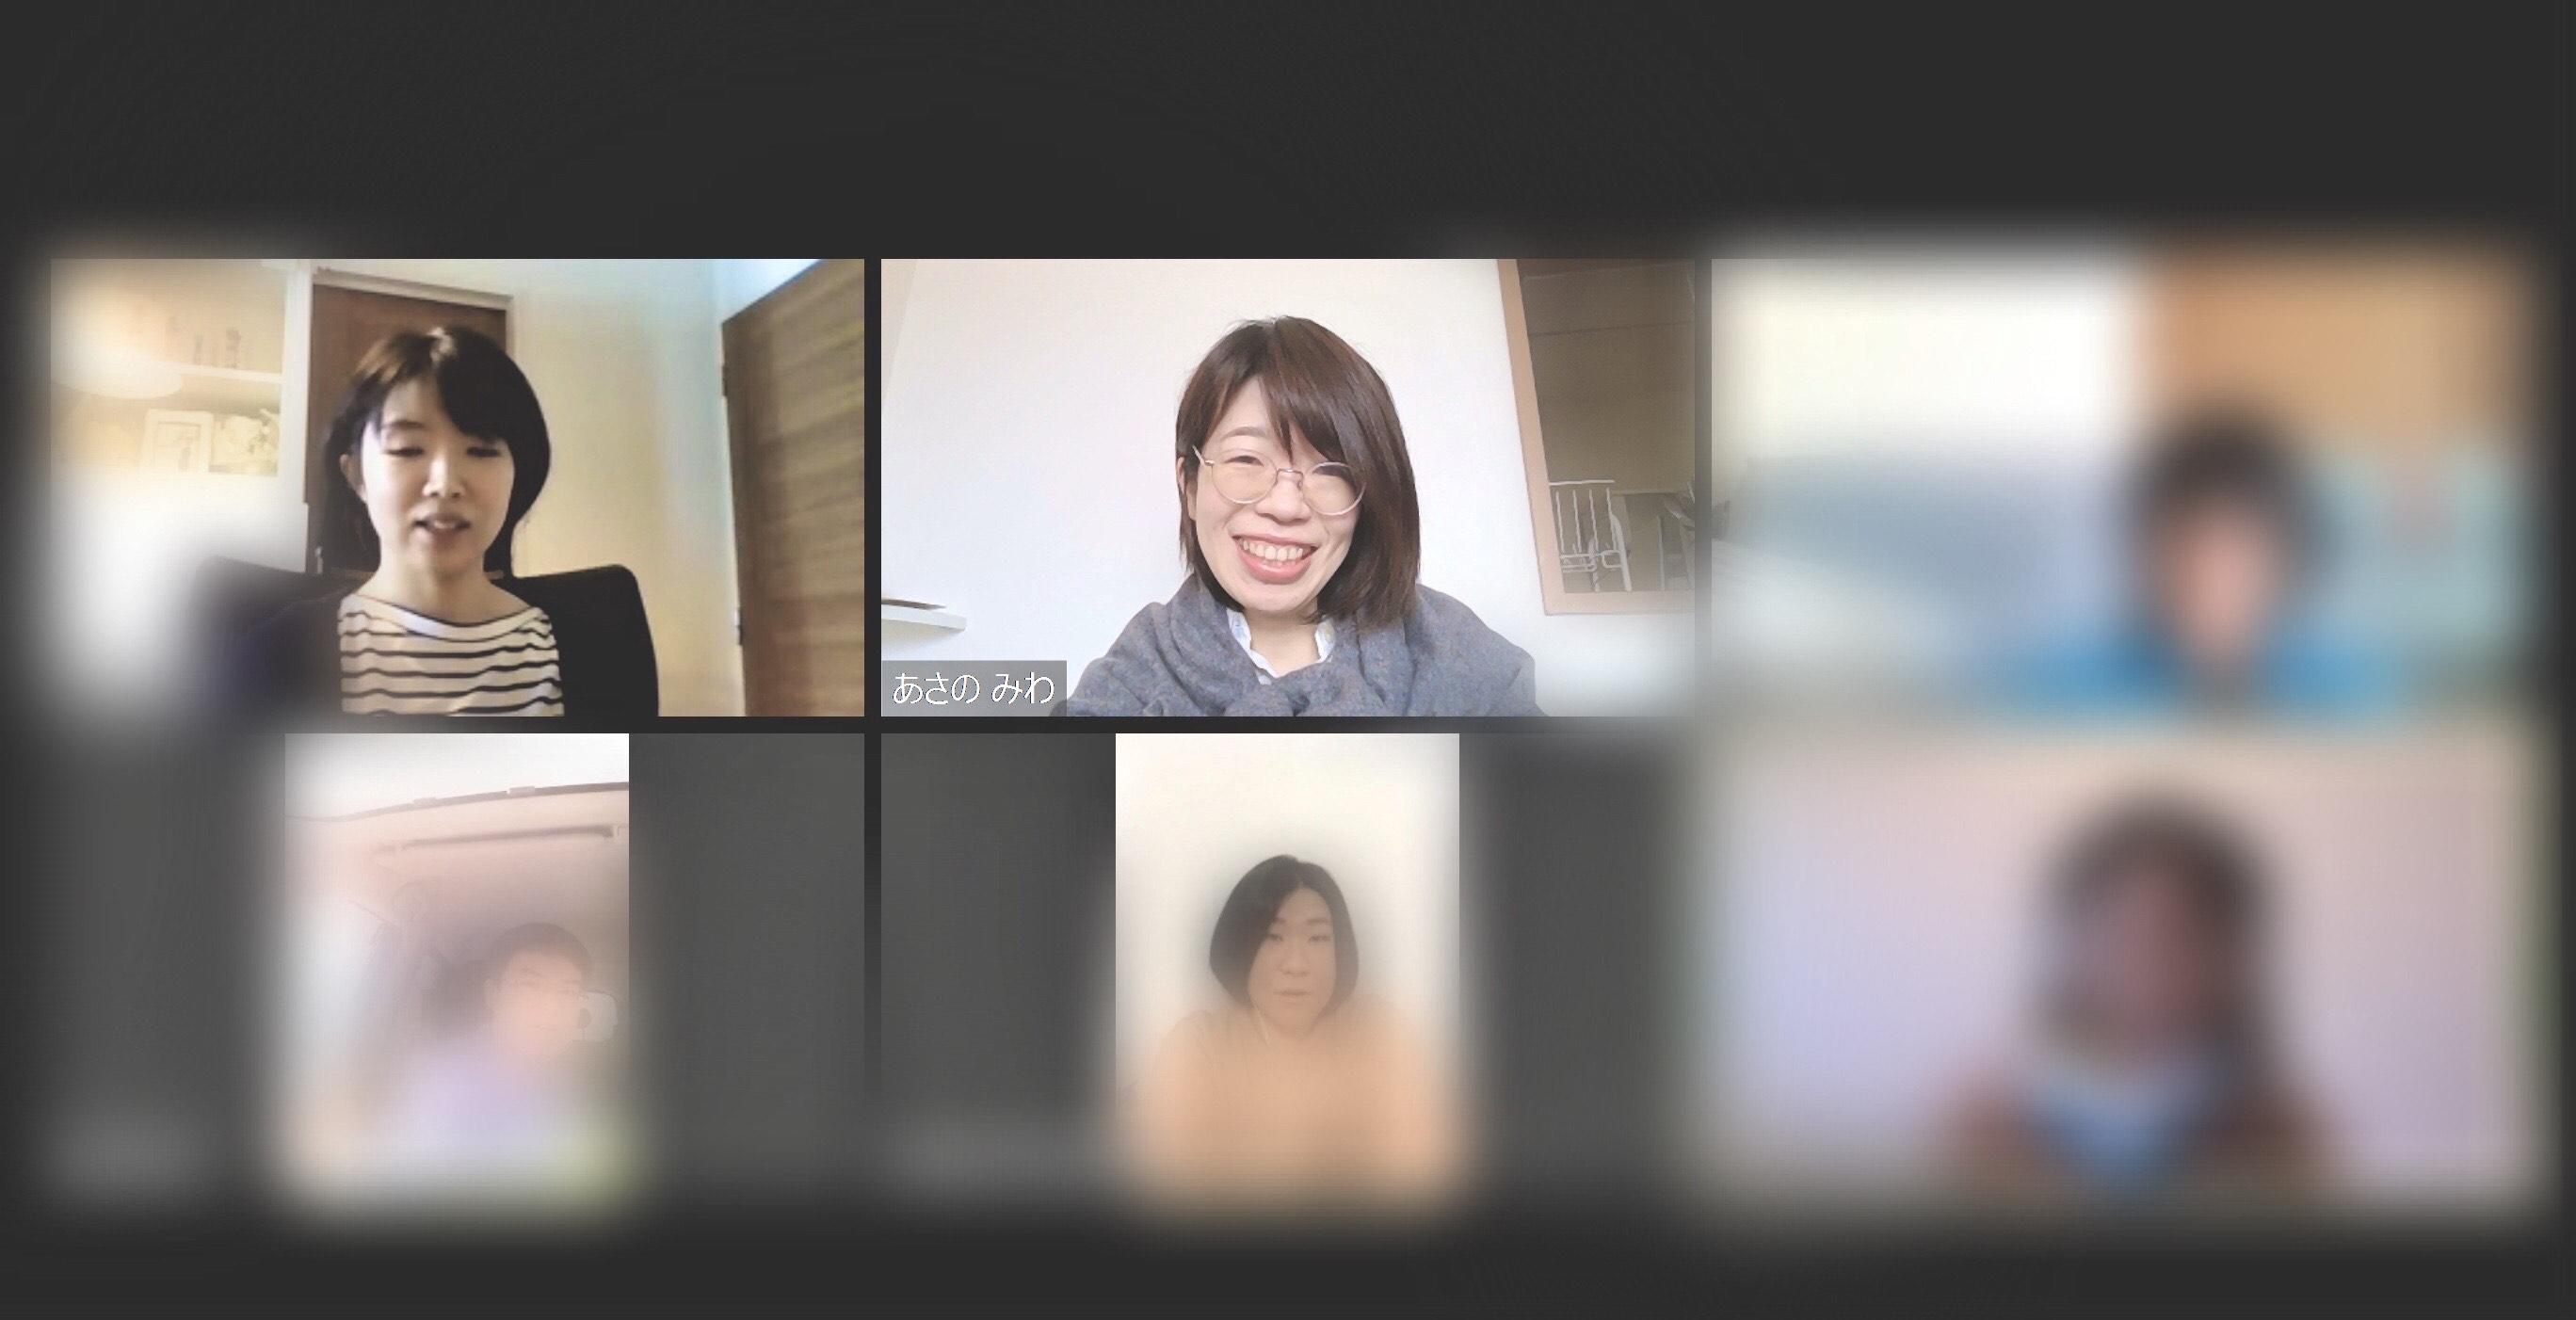 6人でビデオ通話した画面